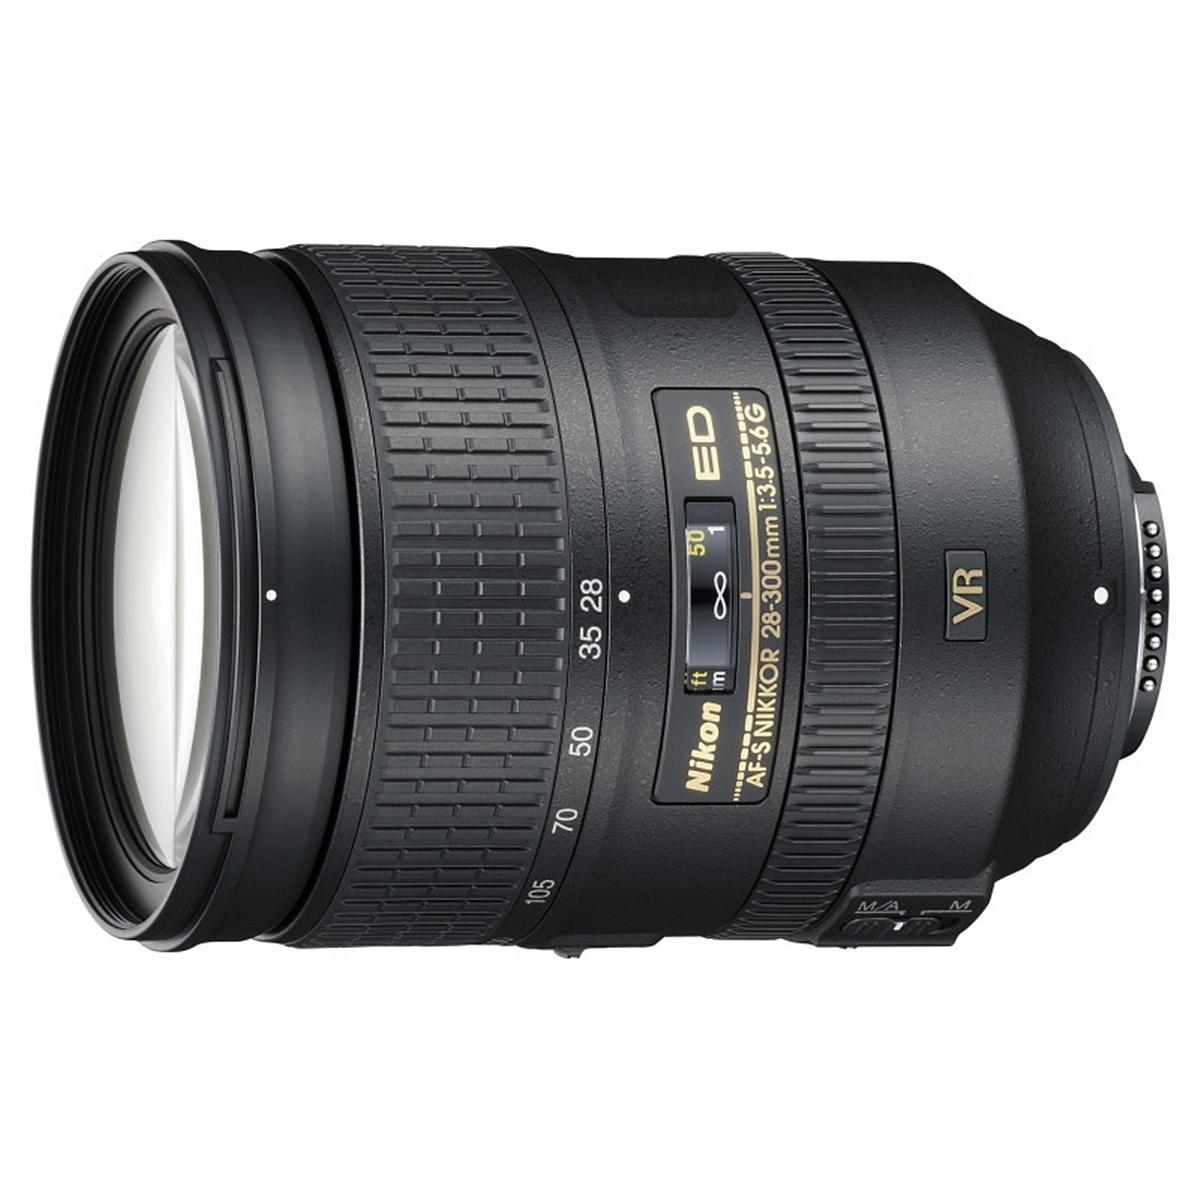 尼康(Nikon)AF-S 28-300mm f/3.5-5.6G ED VR 防抖镜头(个)